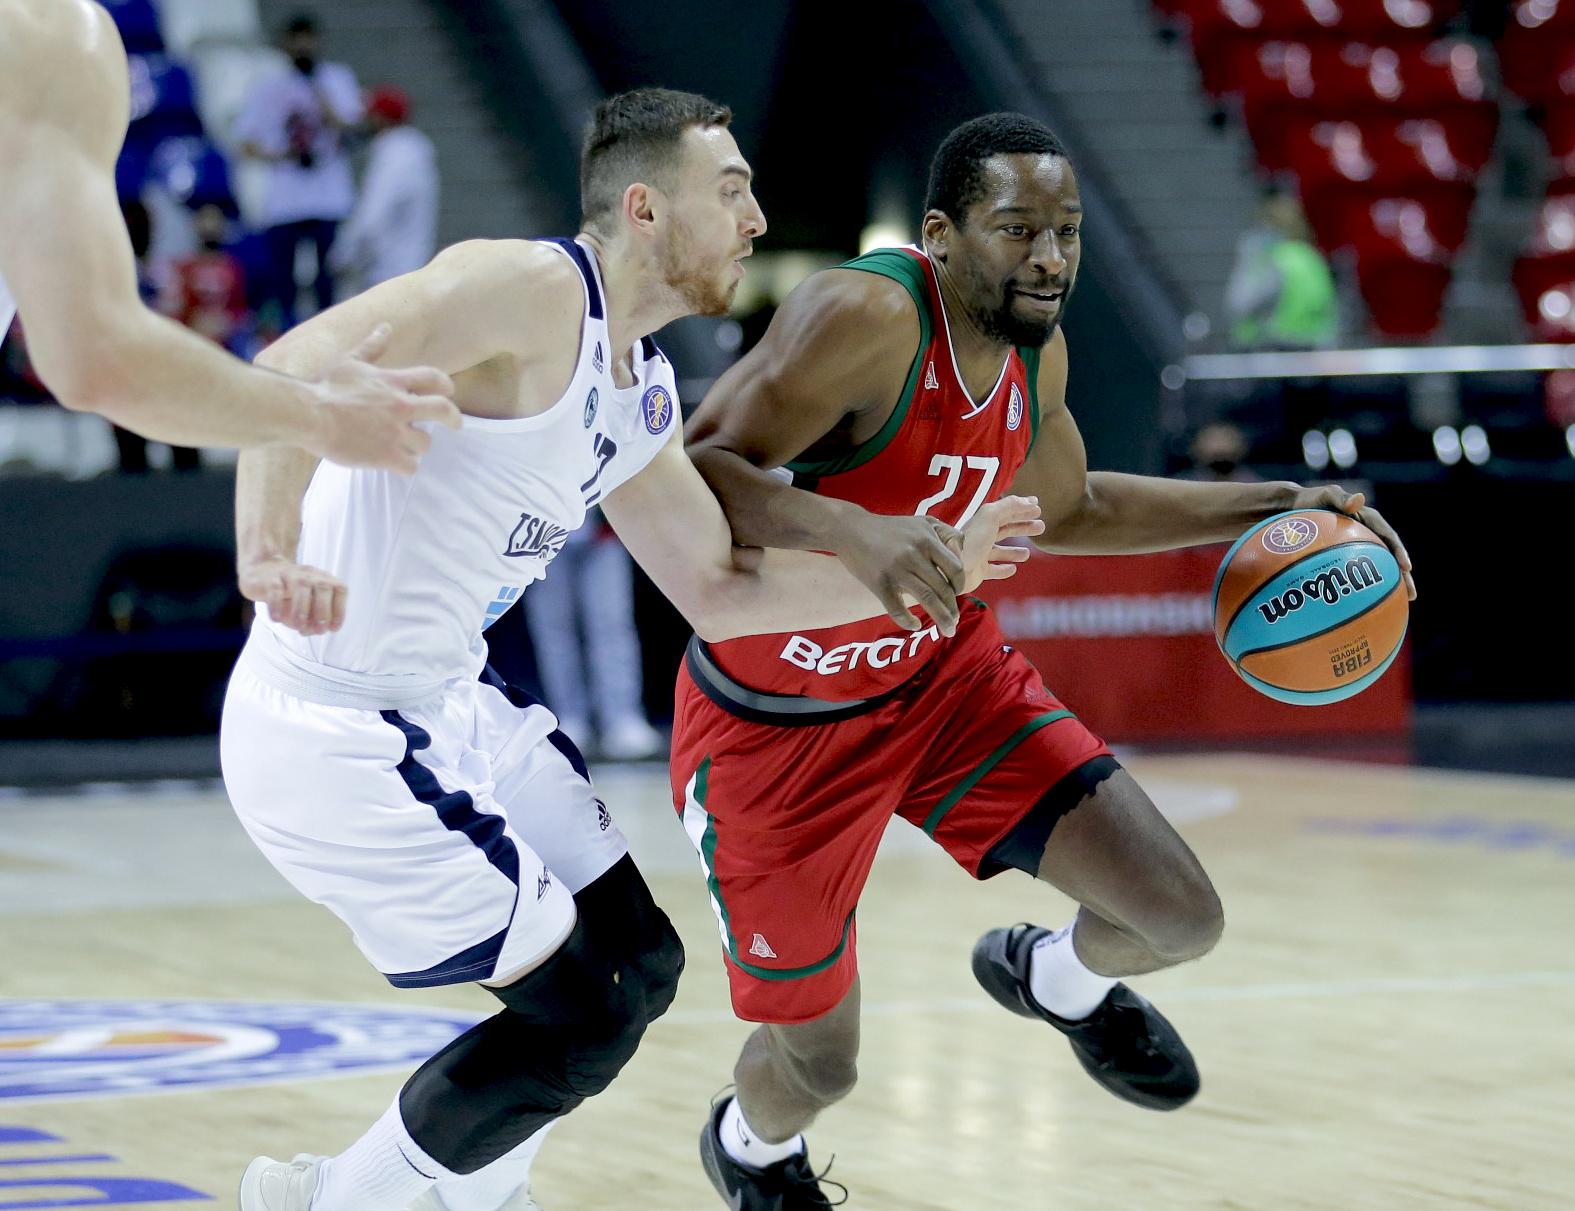 Tsmoki one step away from win in Krasnodar, Crawford denies